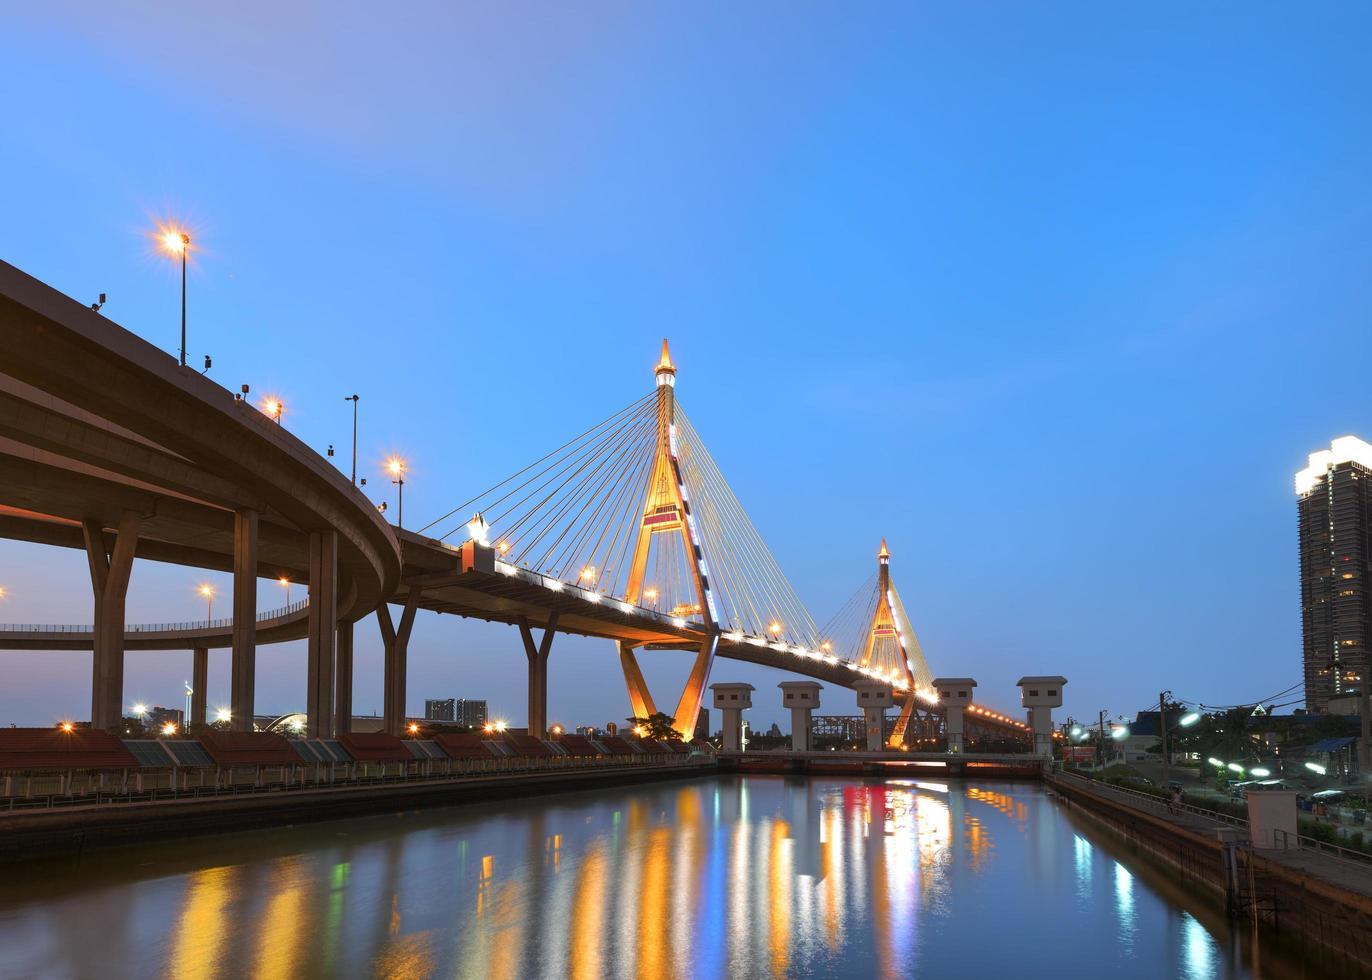 El puente Bhumibol en Tailandia iluminado después del atardecer foto